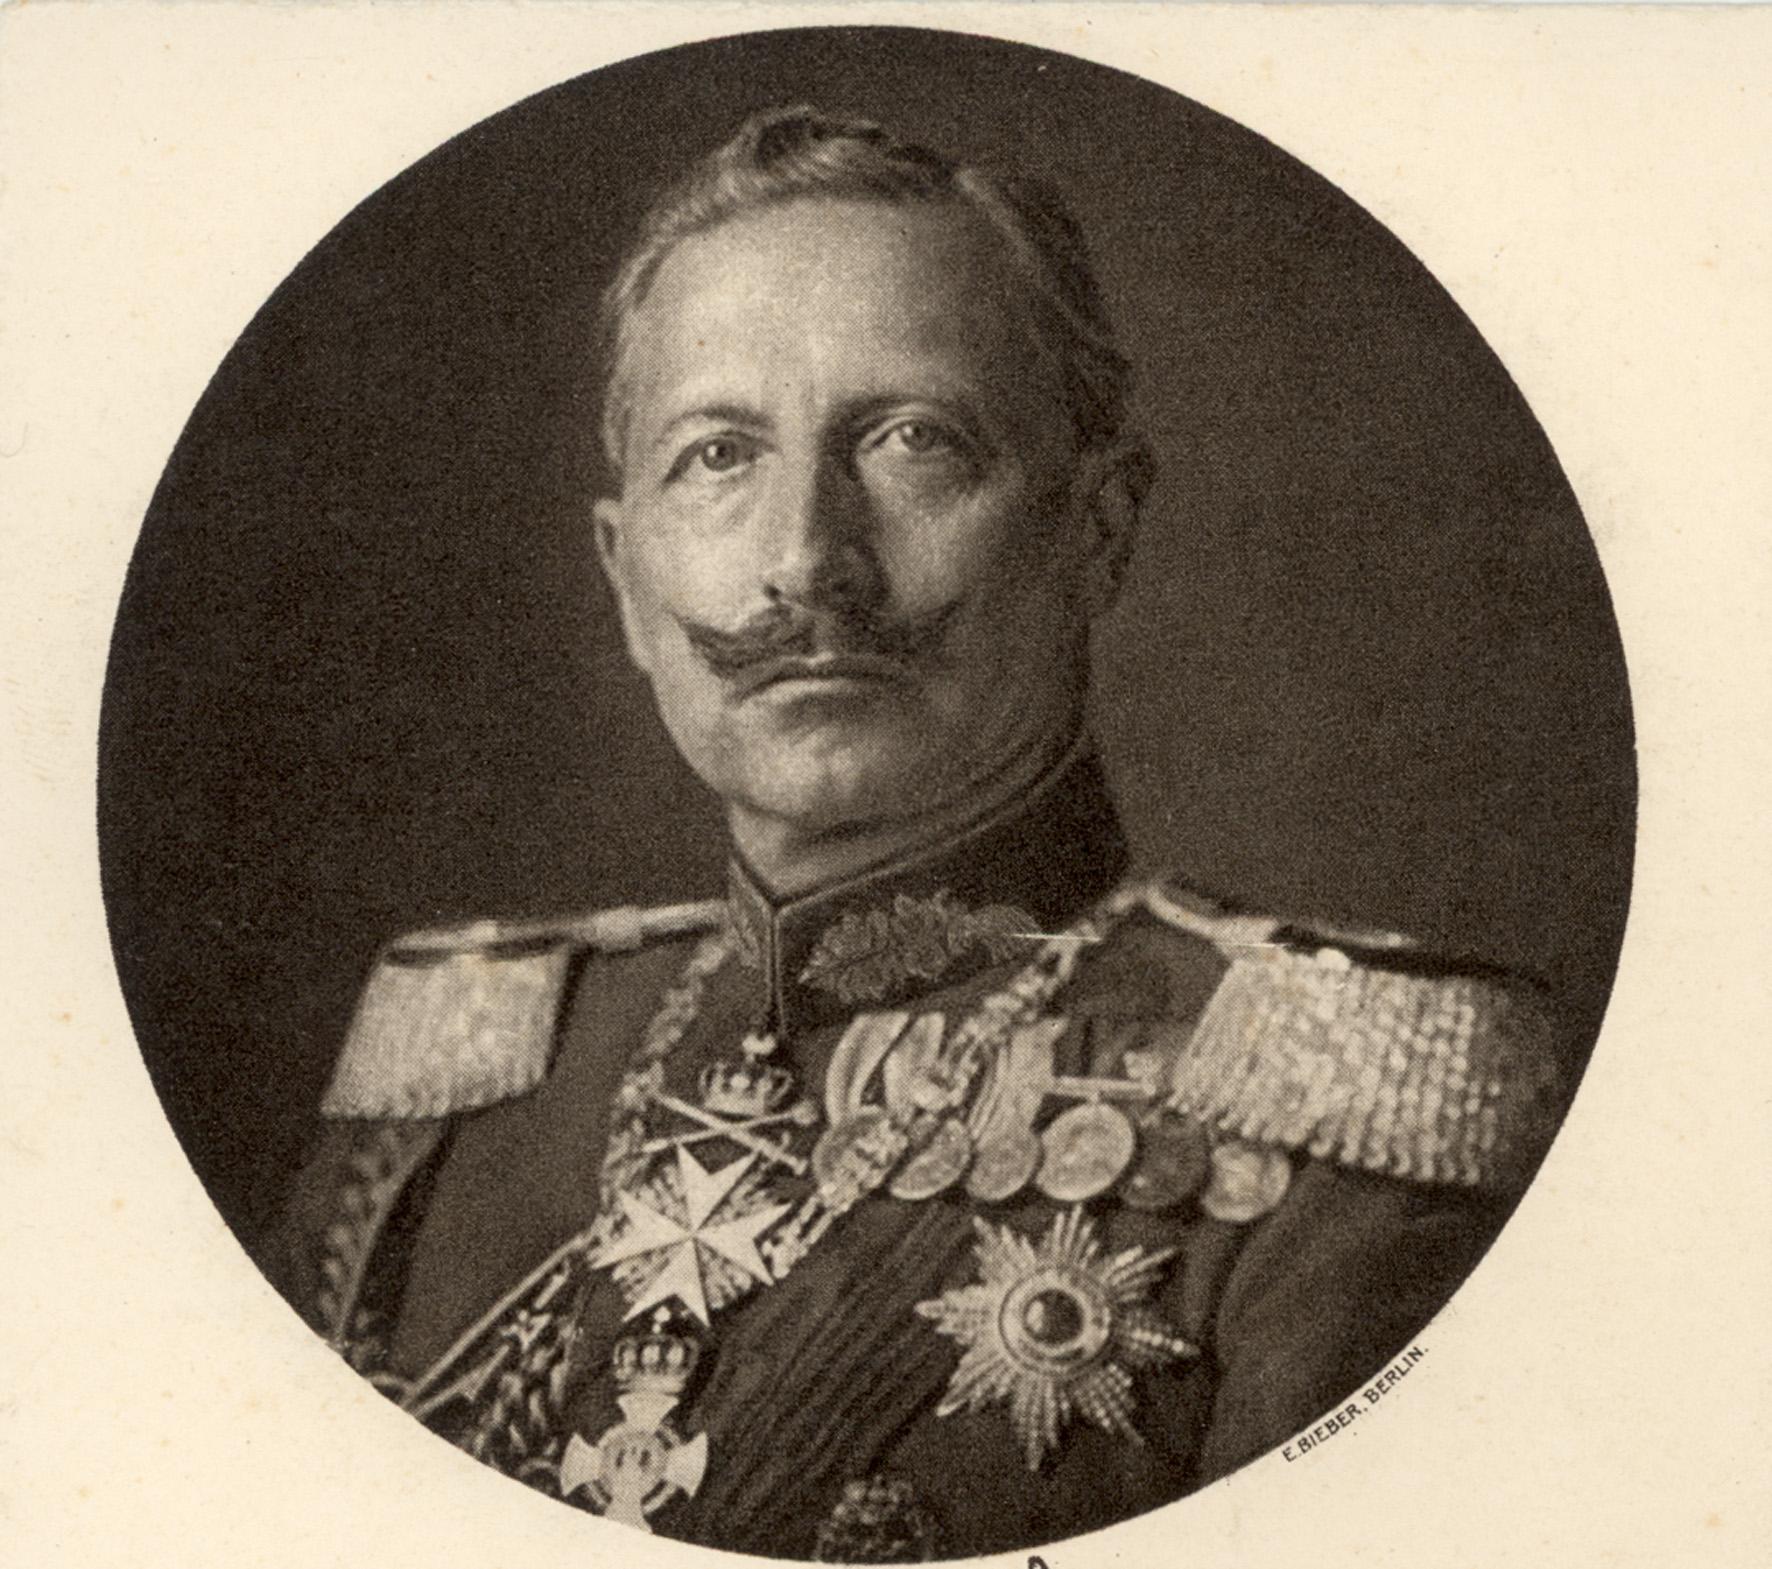 28. januar 1915. Hejmdal forbudt! Kejserens fødselsdag ikke omtalt tilstrækkeligt festligt!